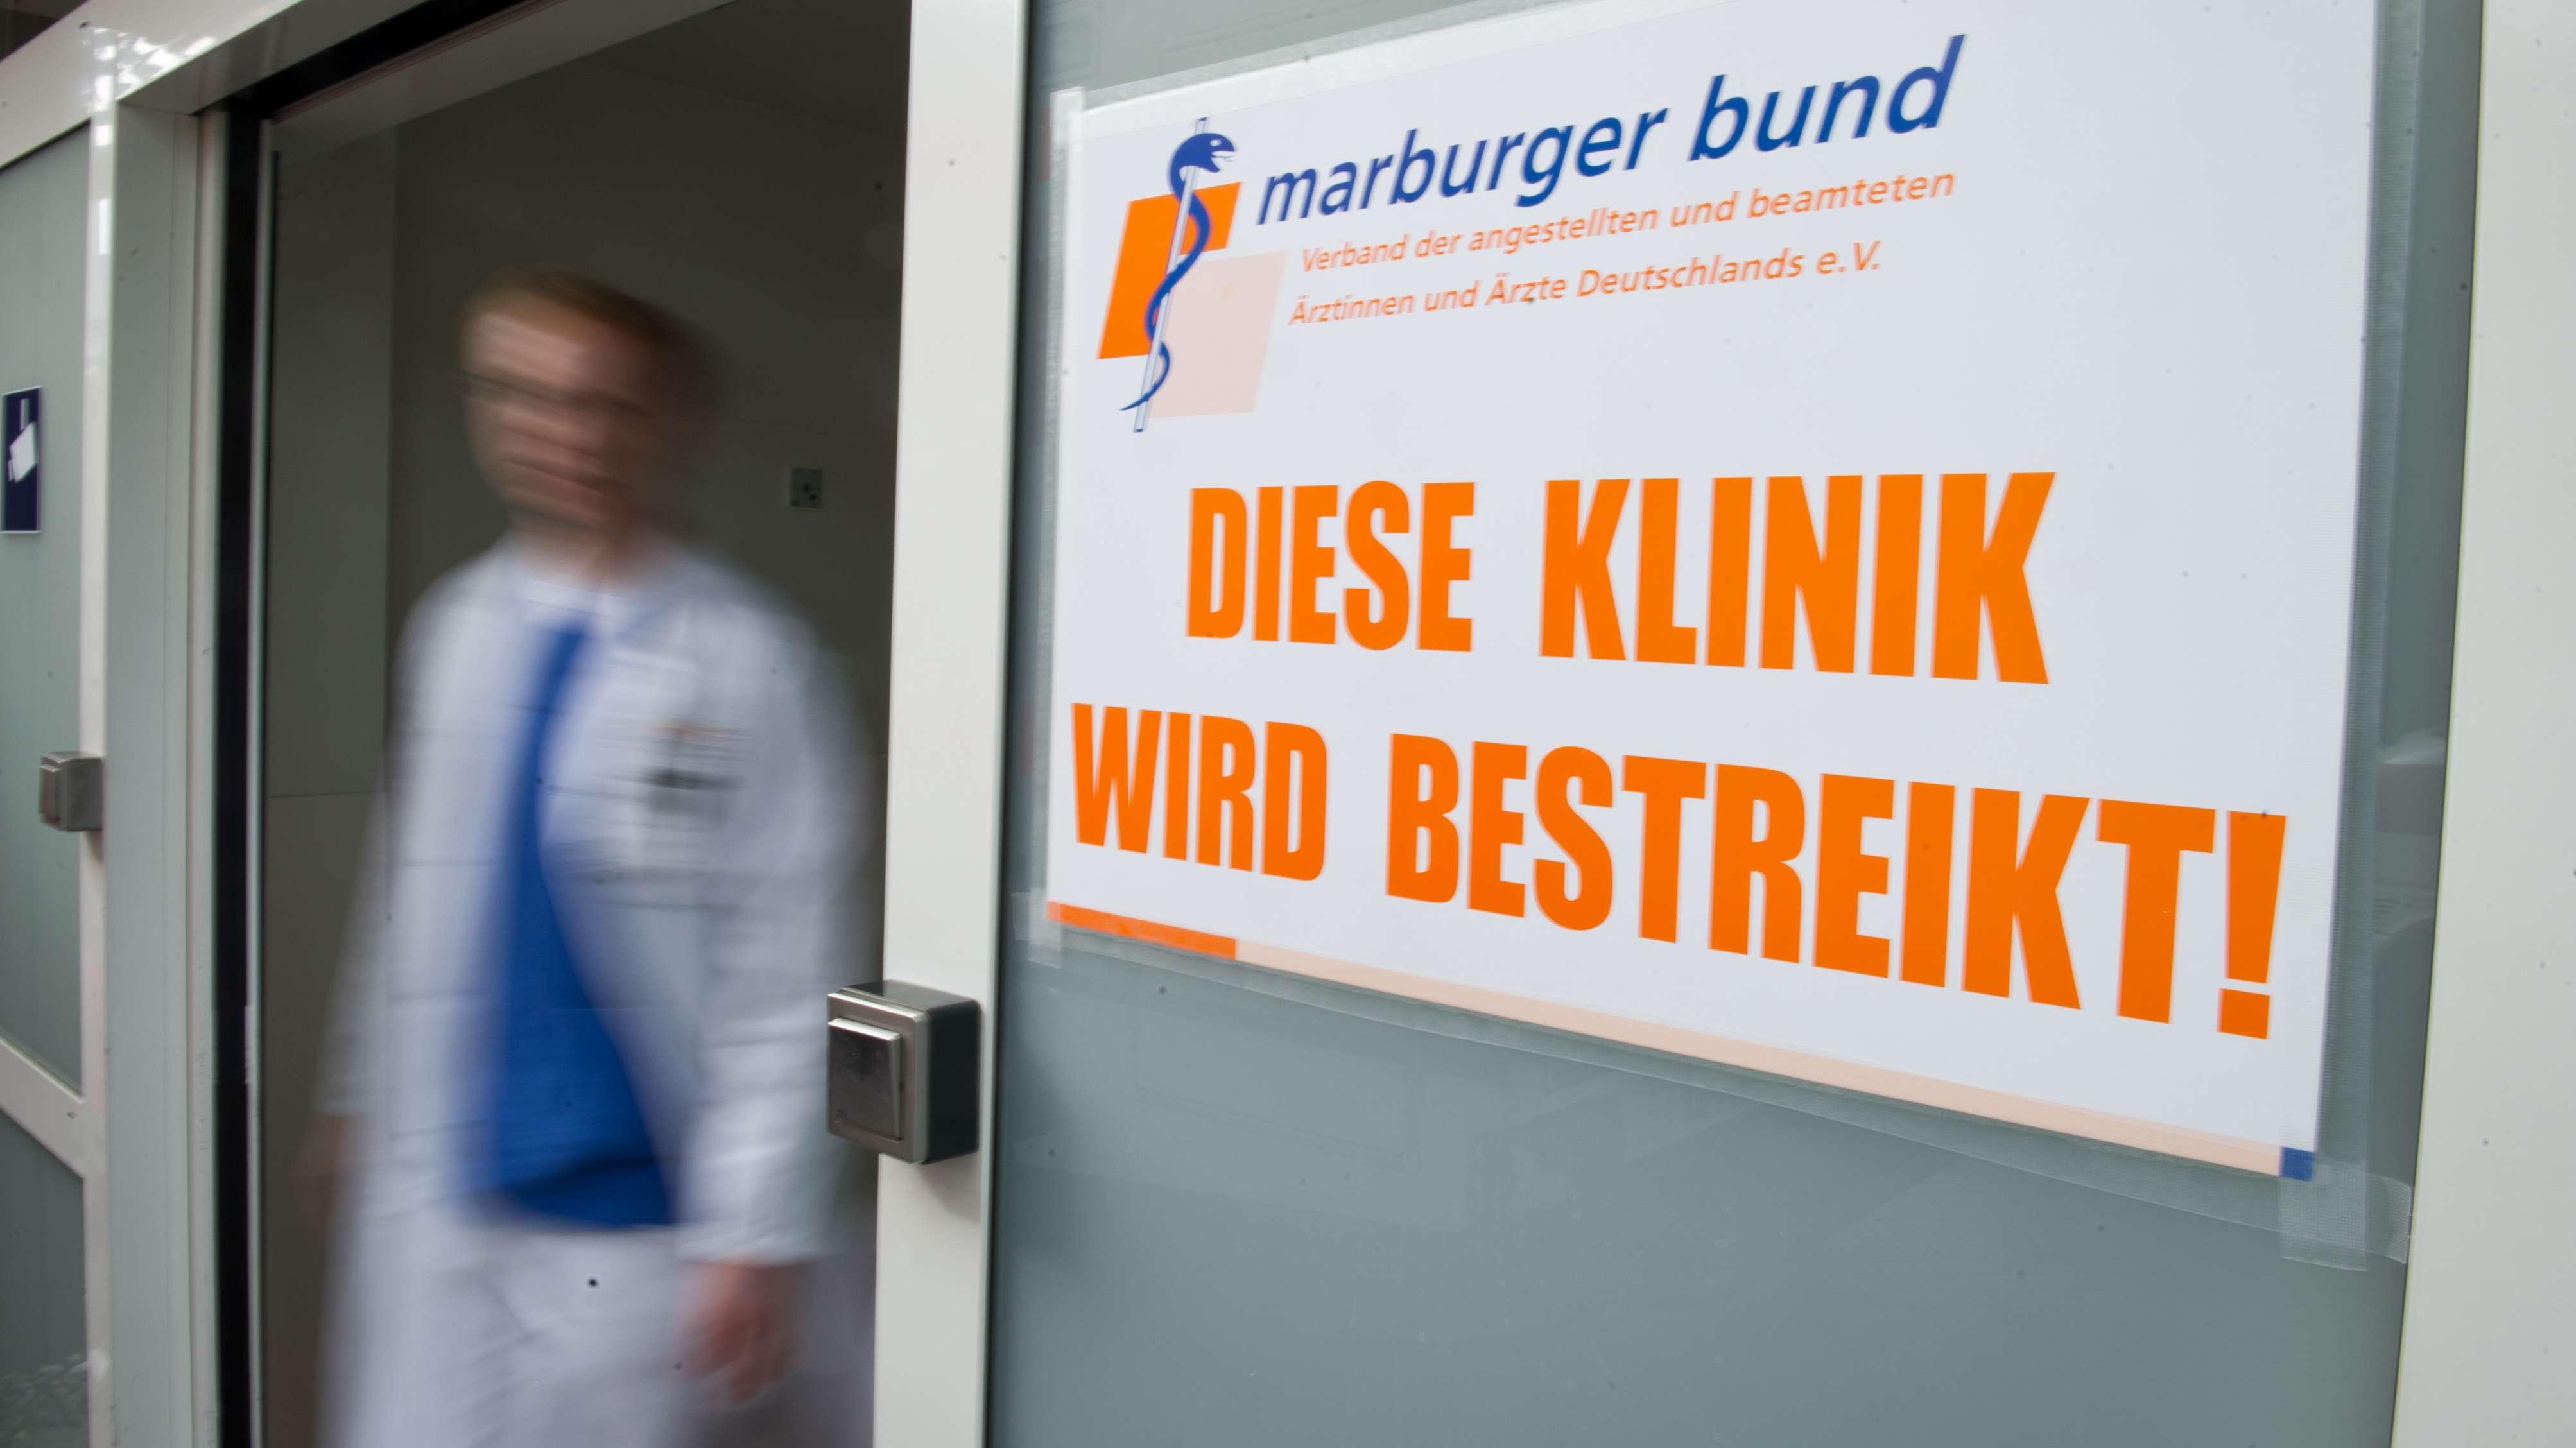 Symbolbild: Klinikstreiks durch den Marburger Bund